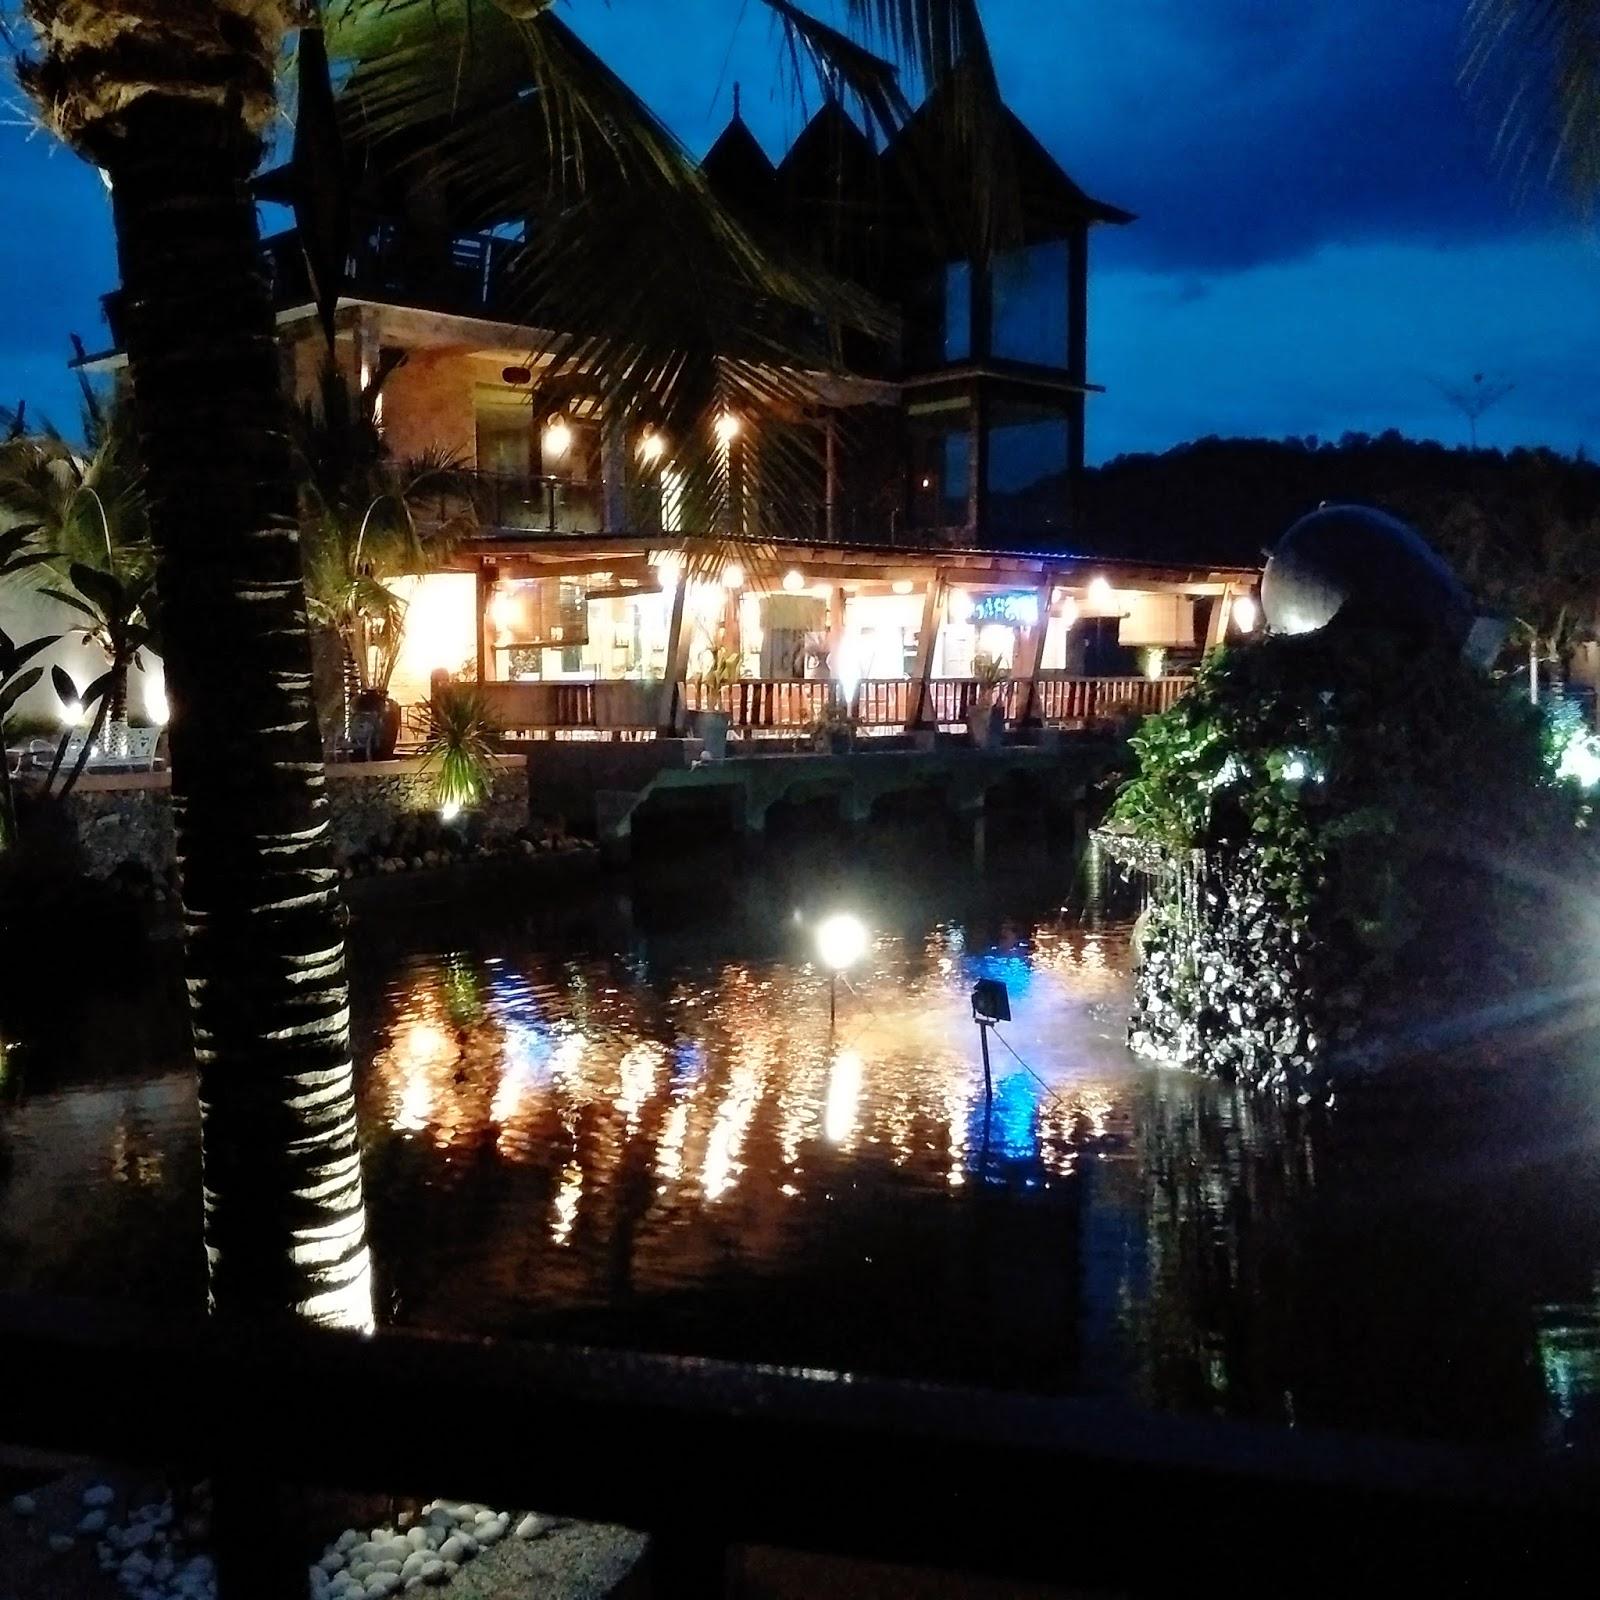 Airis Sanctuary Resort Langkawi, best hotels langkawi, book hotel langkawi, cenang mall, hotels, pantai cenang, underwater world langkawi